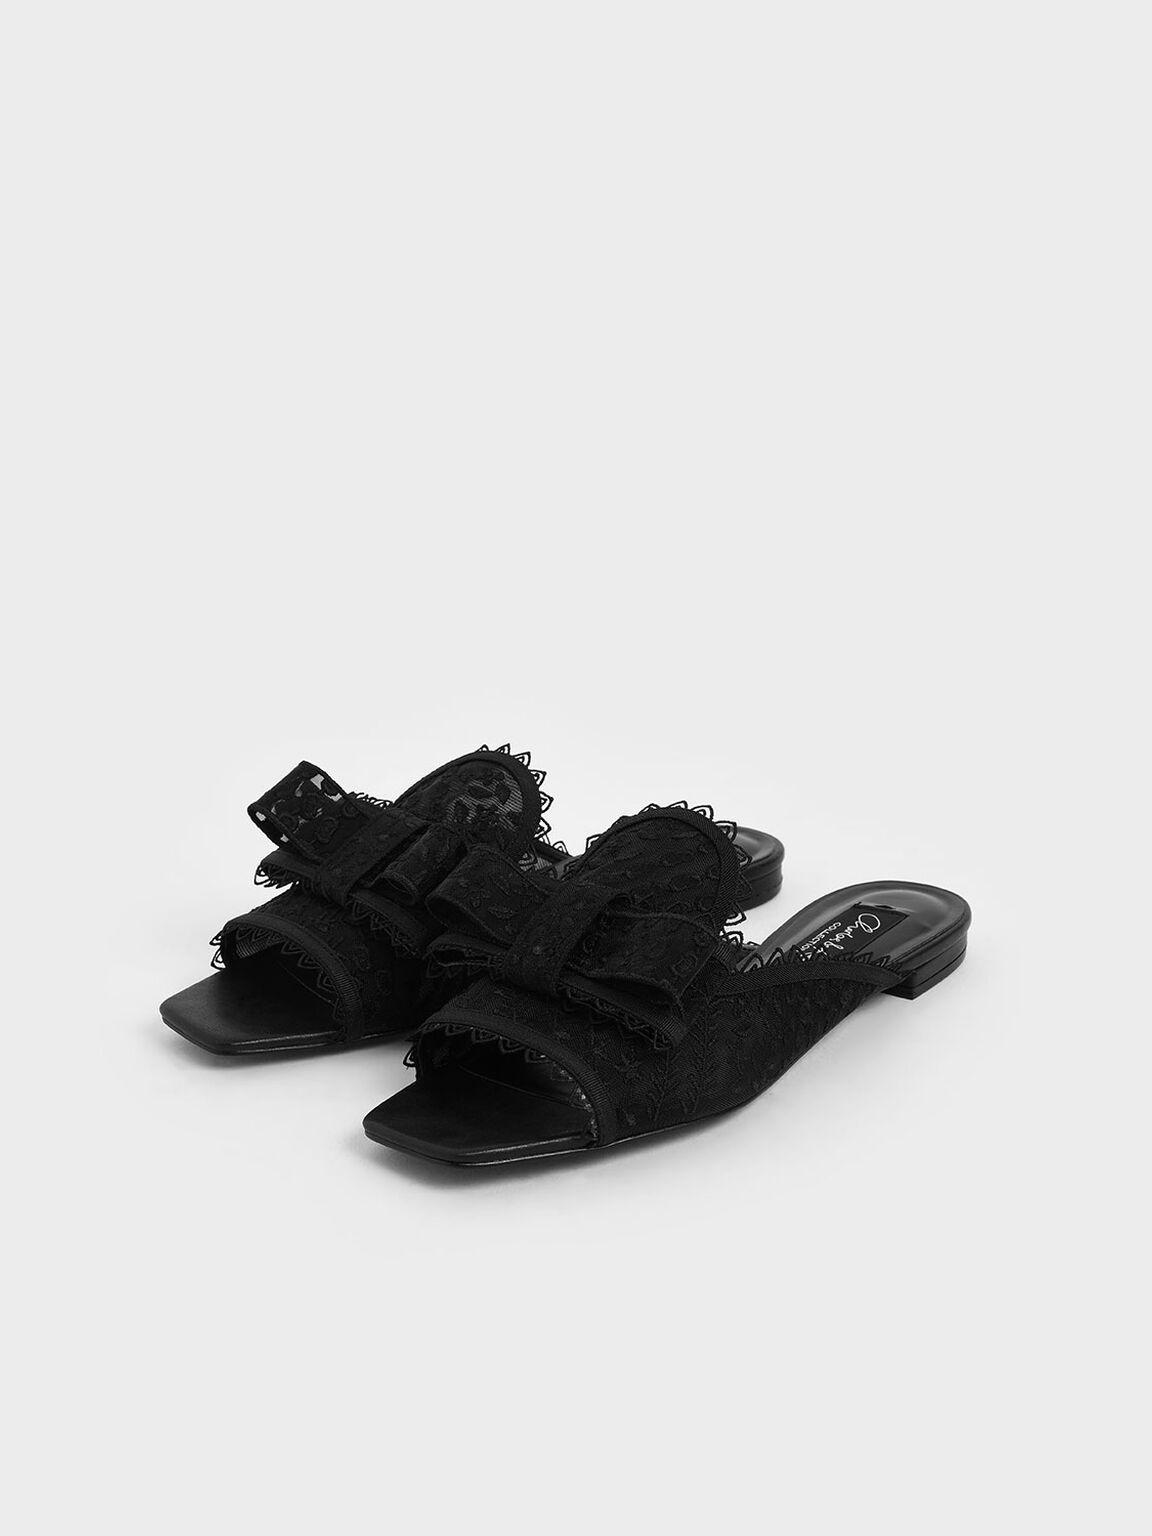 Floral Embroidered Mesh Slide Sandals, Black, hi-res